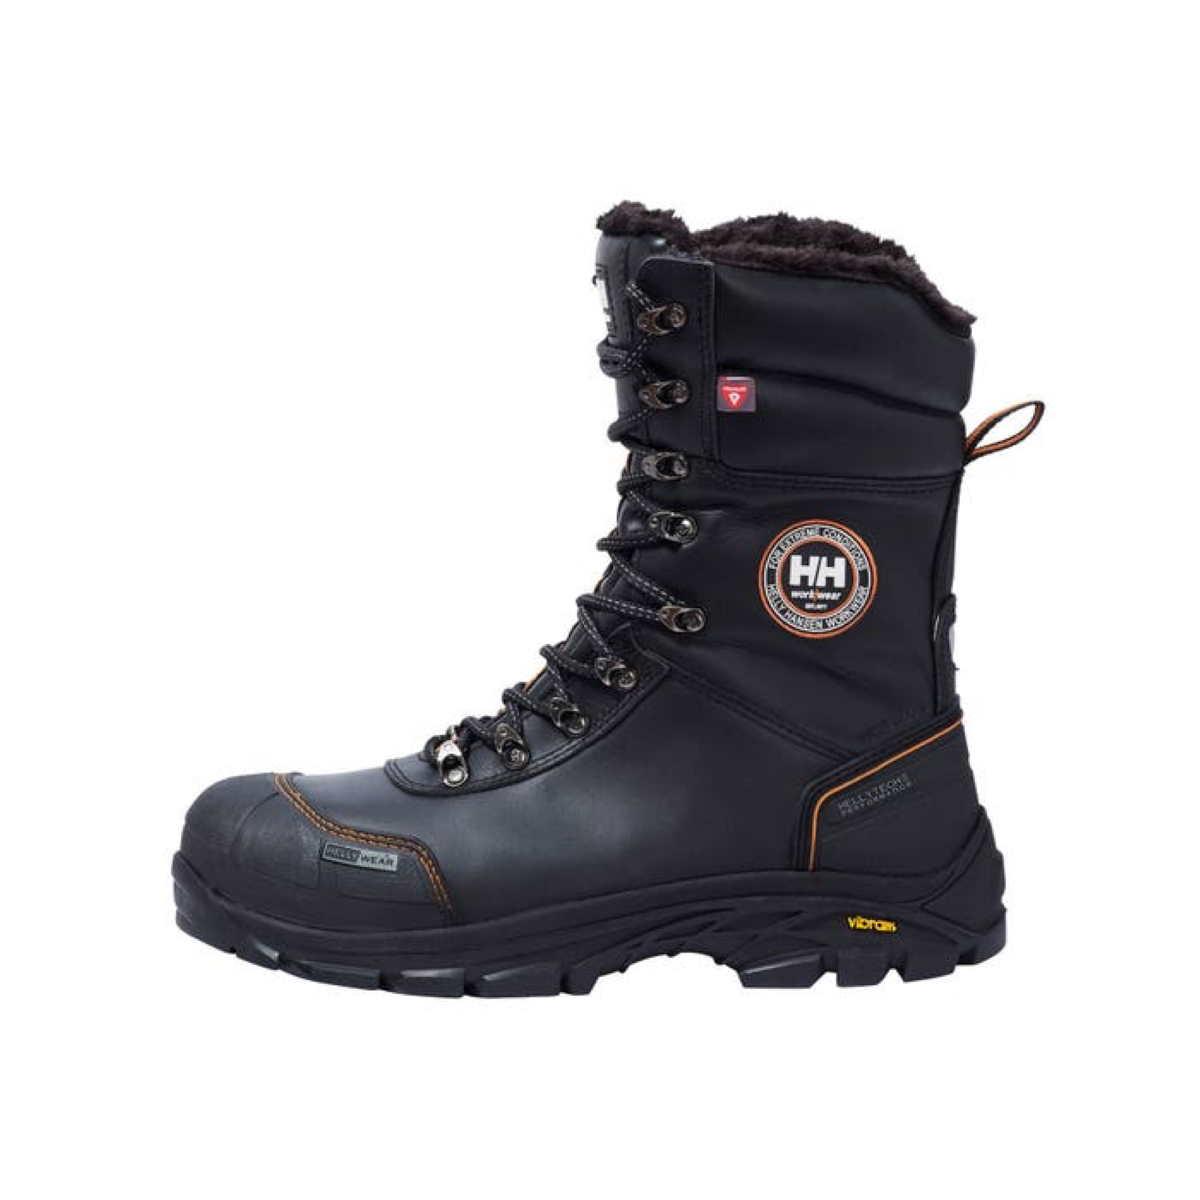 SF7830 Helly Hansen Chelsea Waterproof Winter Boot Side